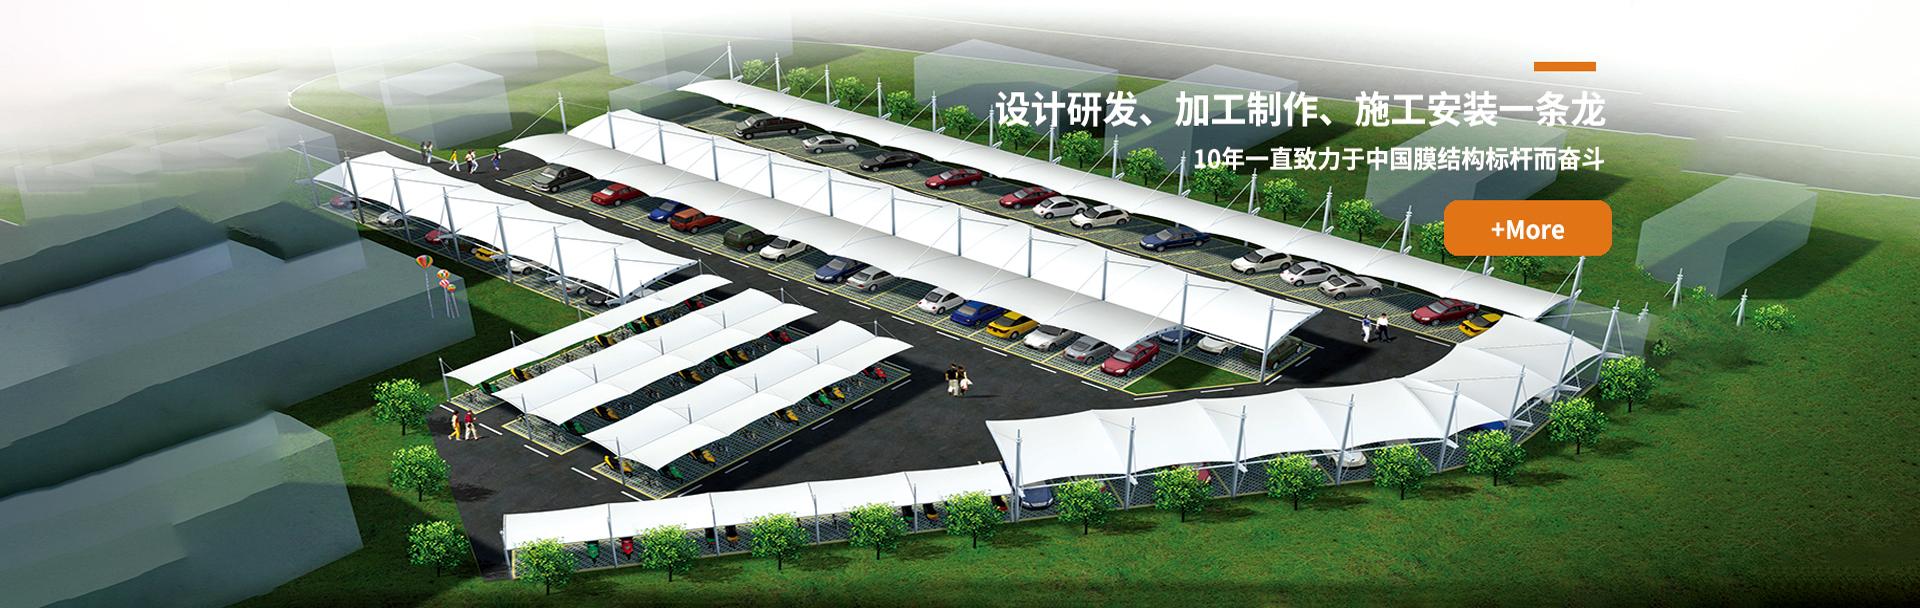 徐州膜结构停车棚